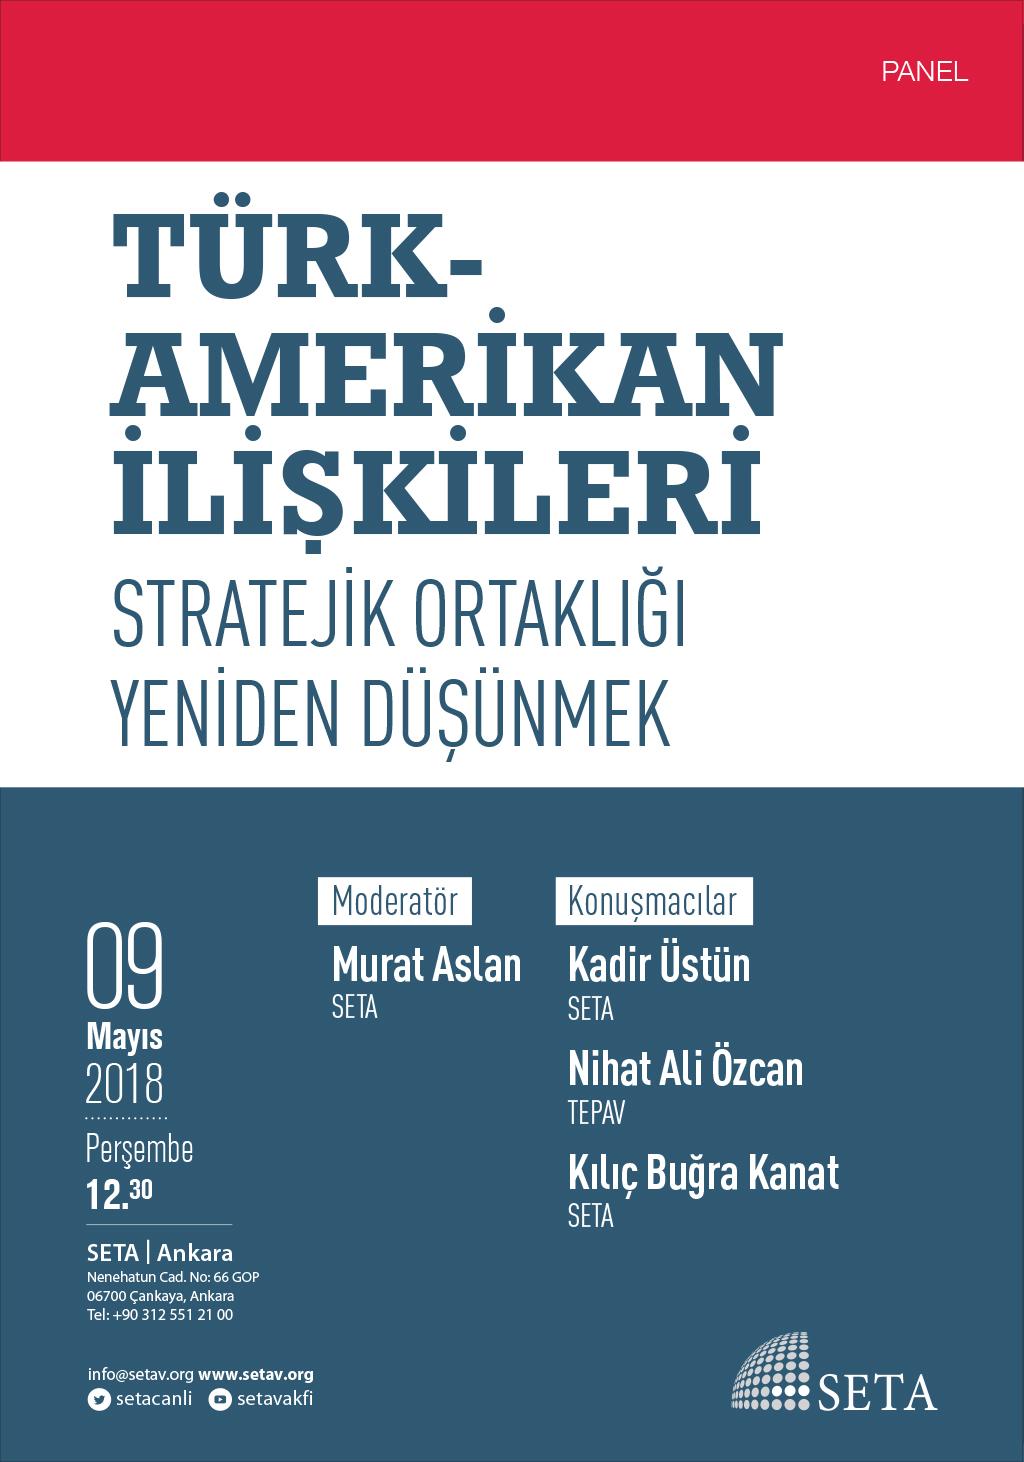 Panel: Türk-Amerikan İlişkileri | Stratejik Ortaklığı Yeniden Düşünmek